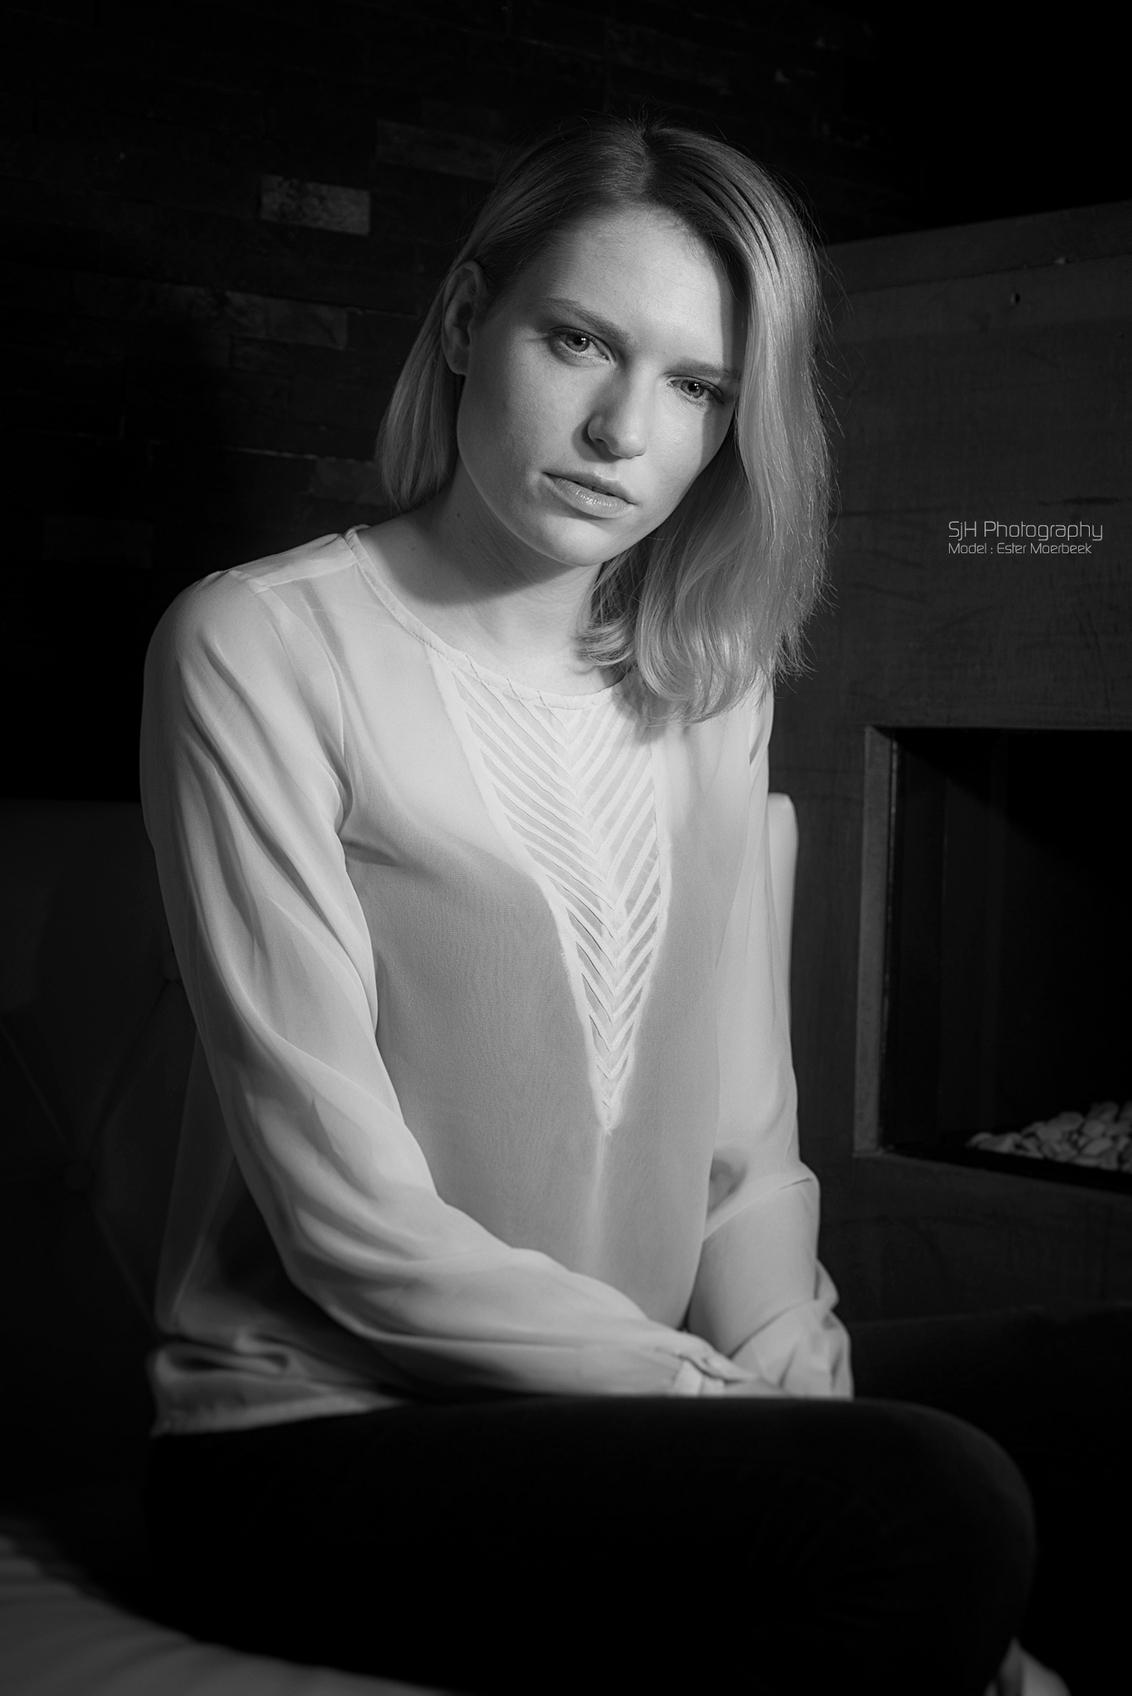 Esther - Model : Esther Moerbeek - foto door S-J-Hoekstra op 24-12-2014 - deze foto bevat: vrouw, licht, portret, model, oog, flits, ogen, haar, fashion, eye, zwartwit, glamour